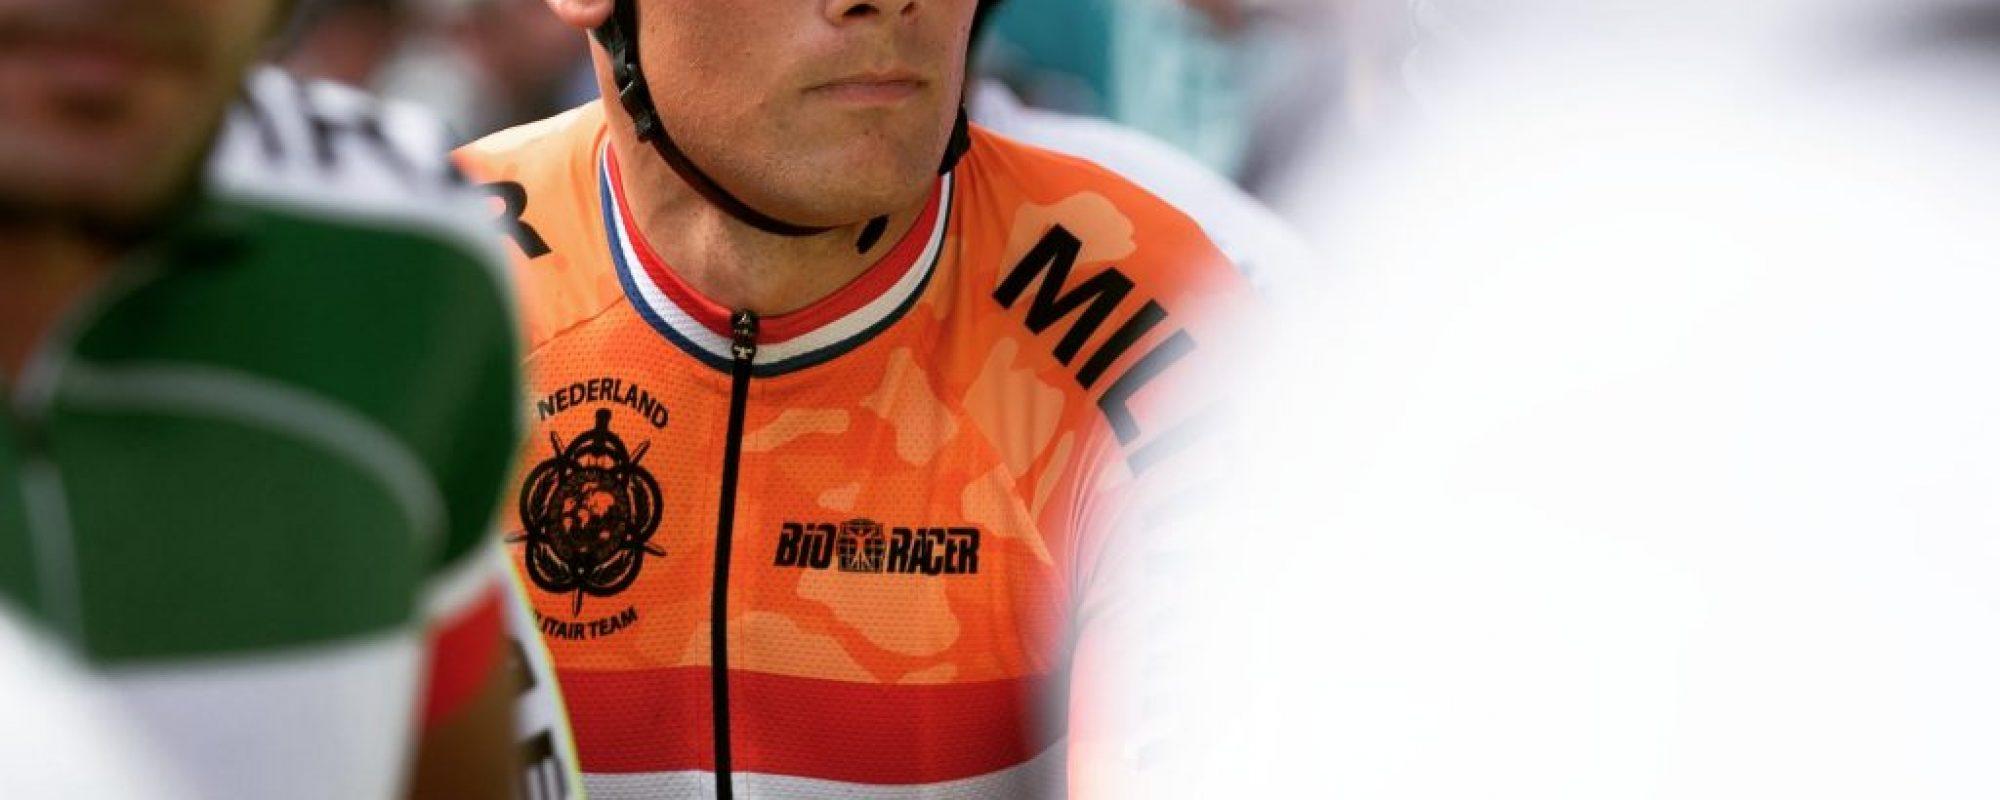 Fabian van Eis